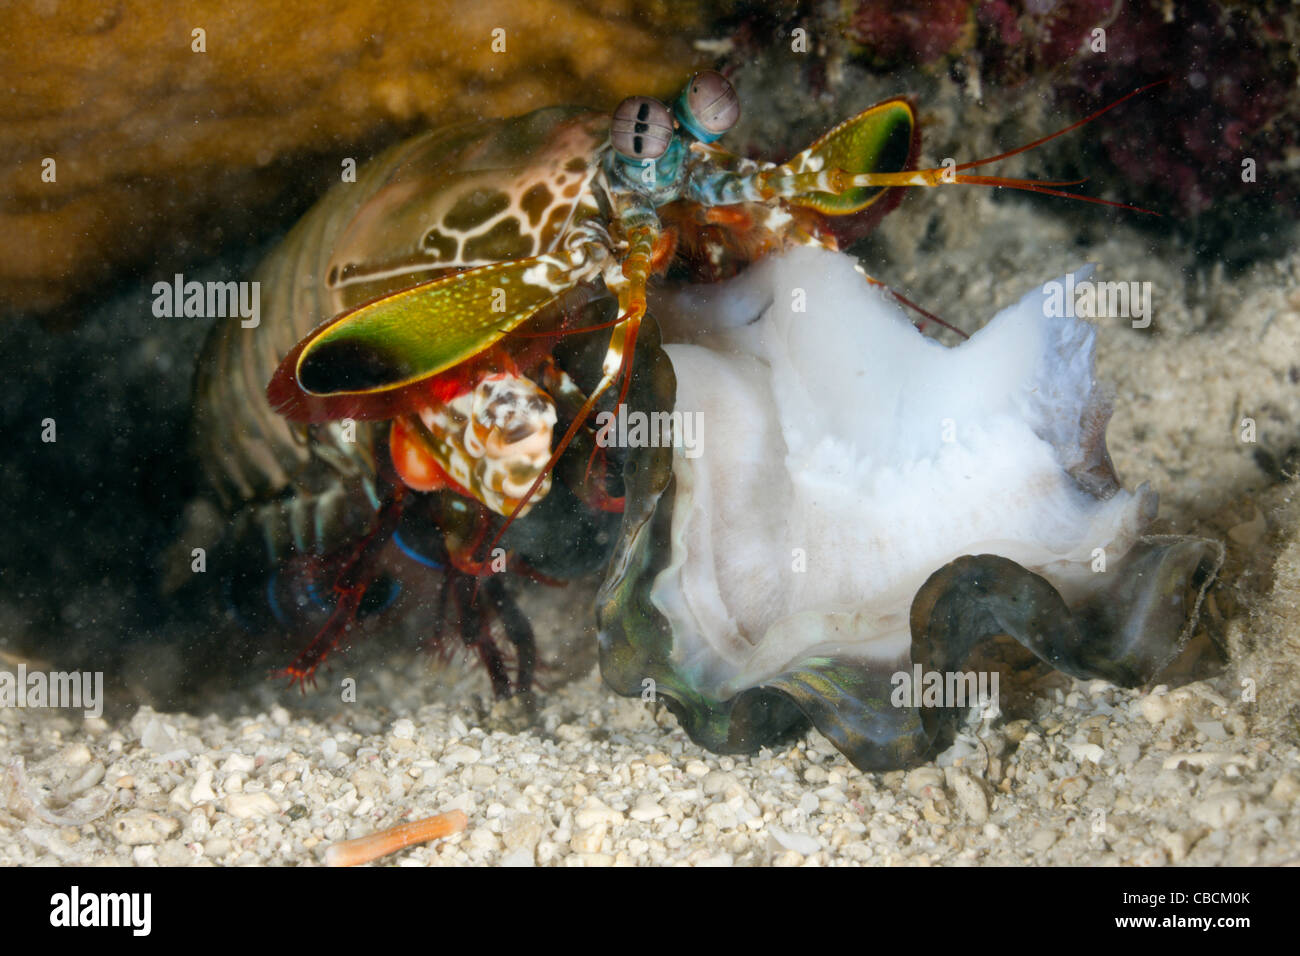 Fangschreckenkrebse Smasher mit seiner Beute, Cenderawasih-Bucht, West-Papua, Indonesien Stockbild